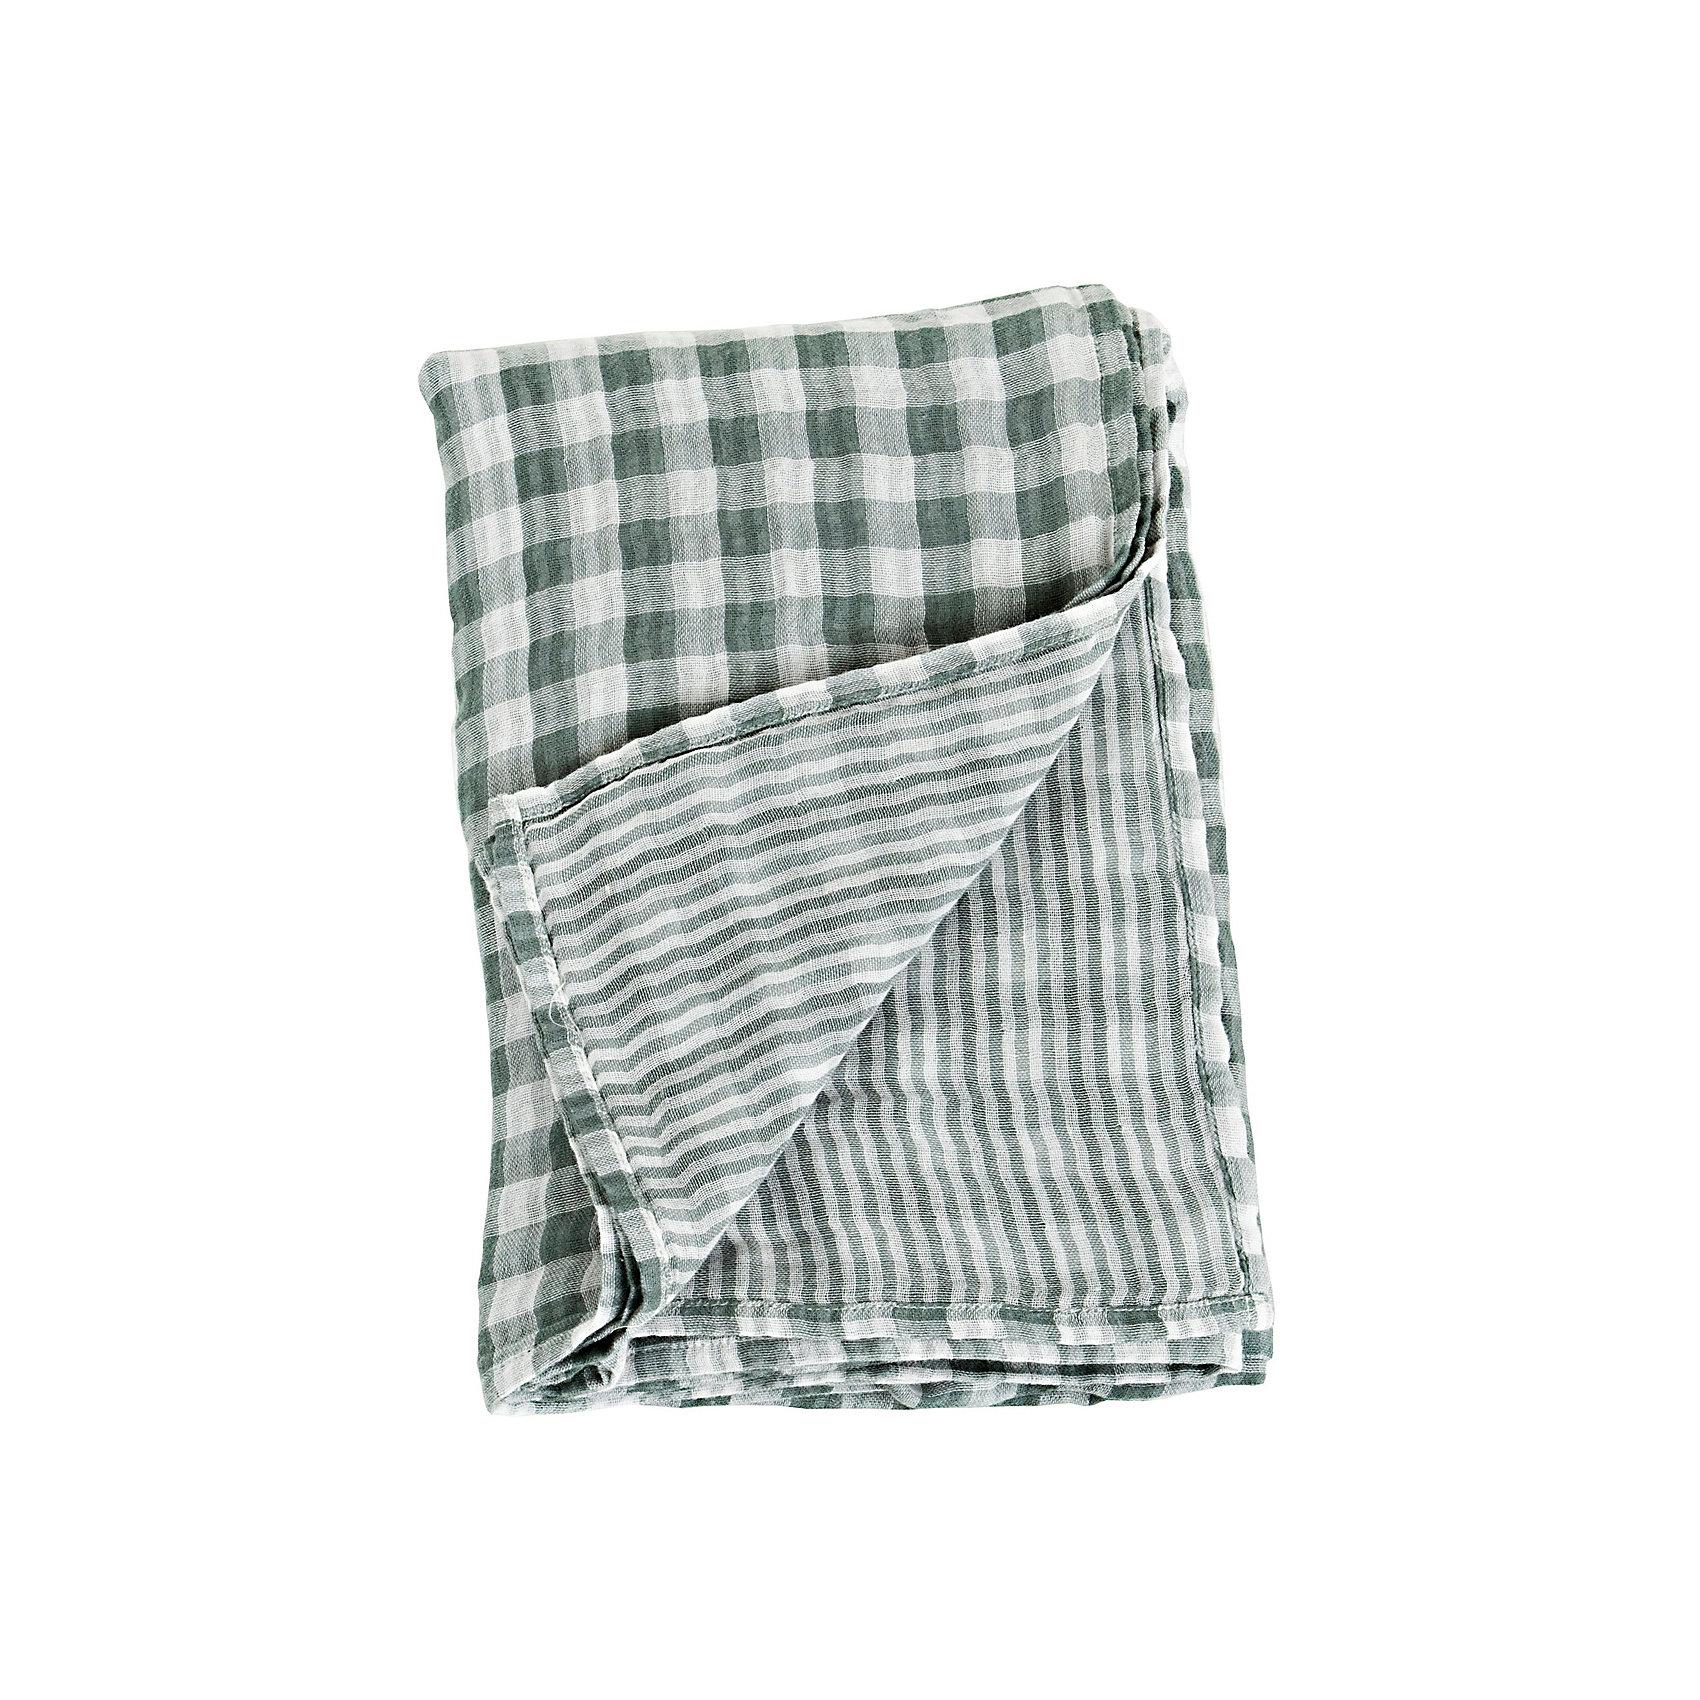 Муслиновая пелёнка двусторонняя 120х120, Lulujo, Warm GreyВсе для пеленания<br>Муслиновая пелёнка двусторонняя 120х120, Lulujo, Warm Grey это двухсторонние мягкие пеленки большого размера предназначенные как для пеленания, так и покрывала или использования в качестве обычных простыней. Приятные тепло-серые клетка и полоски на нейтральном белом фоне помогут создать атмосферу уюта в комнате малыша. Хлопковый муслин обеспечит малышу комфорт и тепло, материал отлично пропускает вохдух, с этой тканью кожа ребенка дышит.<br>Дополнительная информация:<br><br>- В комплект входит: 1 пеленка<br>- Тип ткани: Муслин<br>- Состав: 100% хлопок  <br>- Размер: 120 * 120 см. <br>- Cтирка: машинная, 40 градусов<br><br><br>Муслиновую пелёнку двустороннюю 120х120, Lulujo, Warm Grey можно купить в нашем интернет-магазине.<br>Подробнее:<br>• Для детей в возрасте: от 0 лет<br>• Номер товара: 4976065<br>Страна производитель: Турция<br><br>Ширина мм: 100<br>Глубина мм: 55<br>Высота мм: 240<br>Вес г: 188<br>Возраст от месяцев: 0<br>Возраст до месяцев: 36<br>Пол: Унисекс<br>Возраст: Детский<br>SKU: 4976065